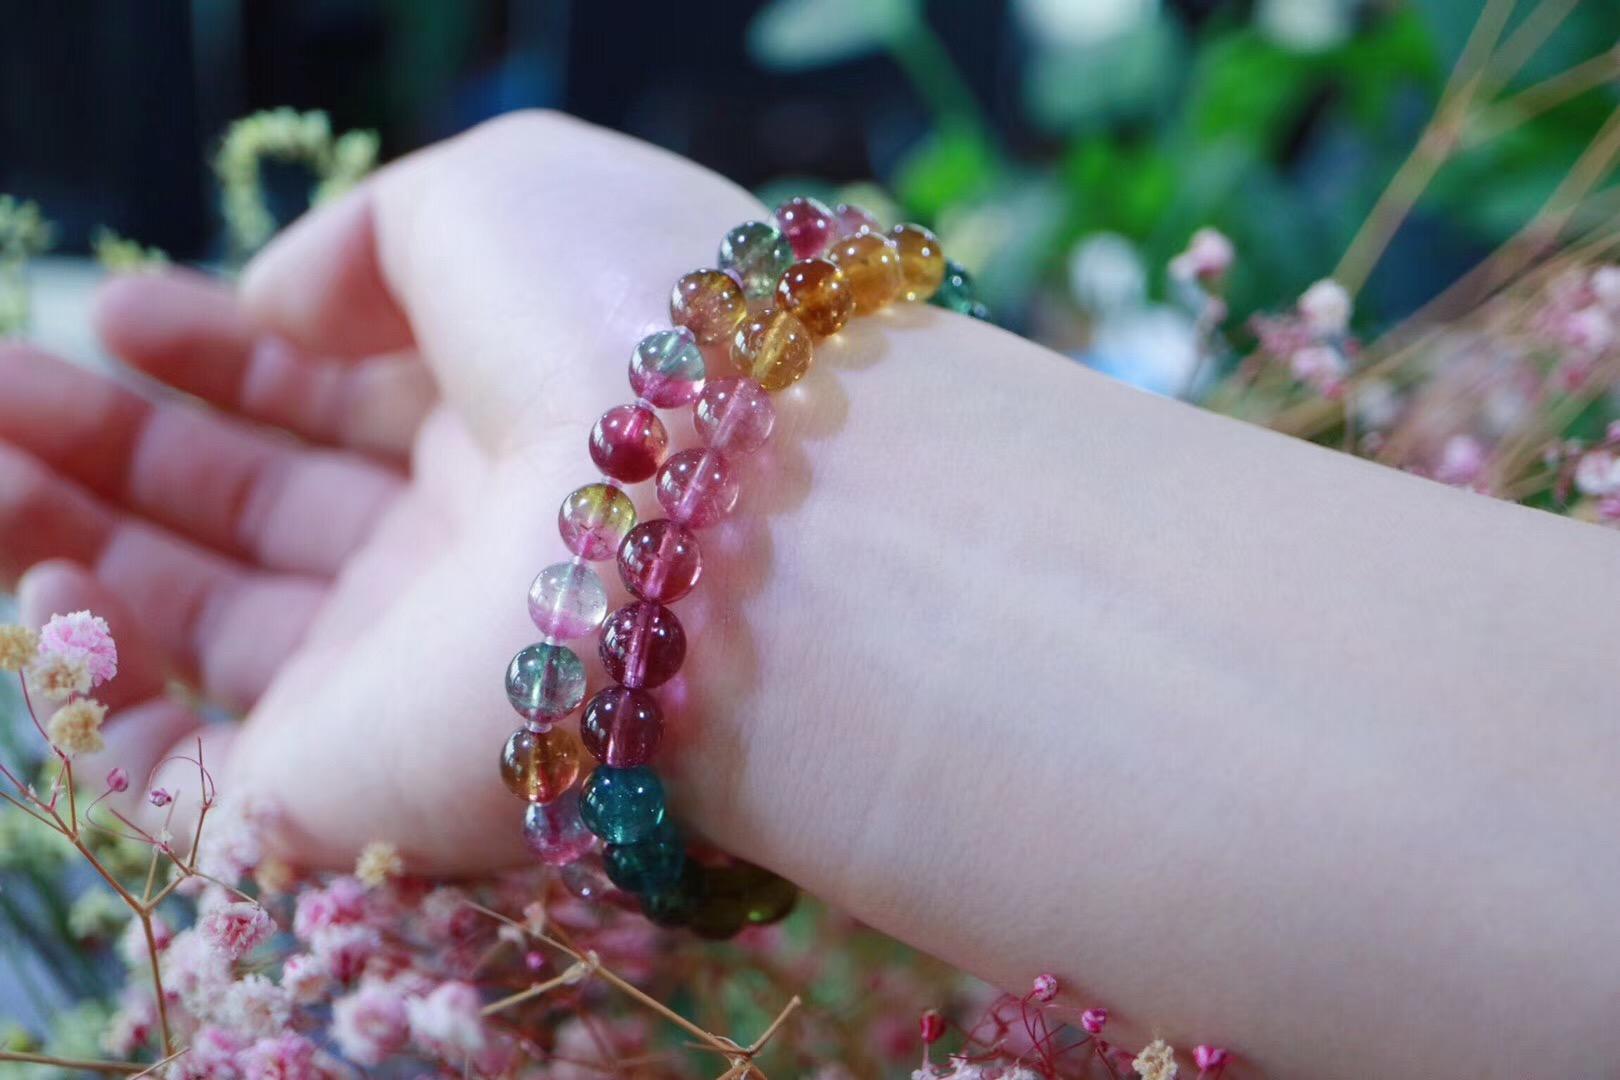 【菩心 | 碧玺】 西瓜vs彩虹, 你更爱谁?-菩心晶舍